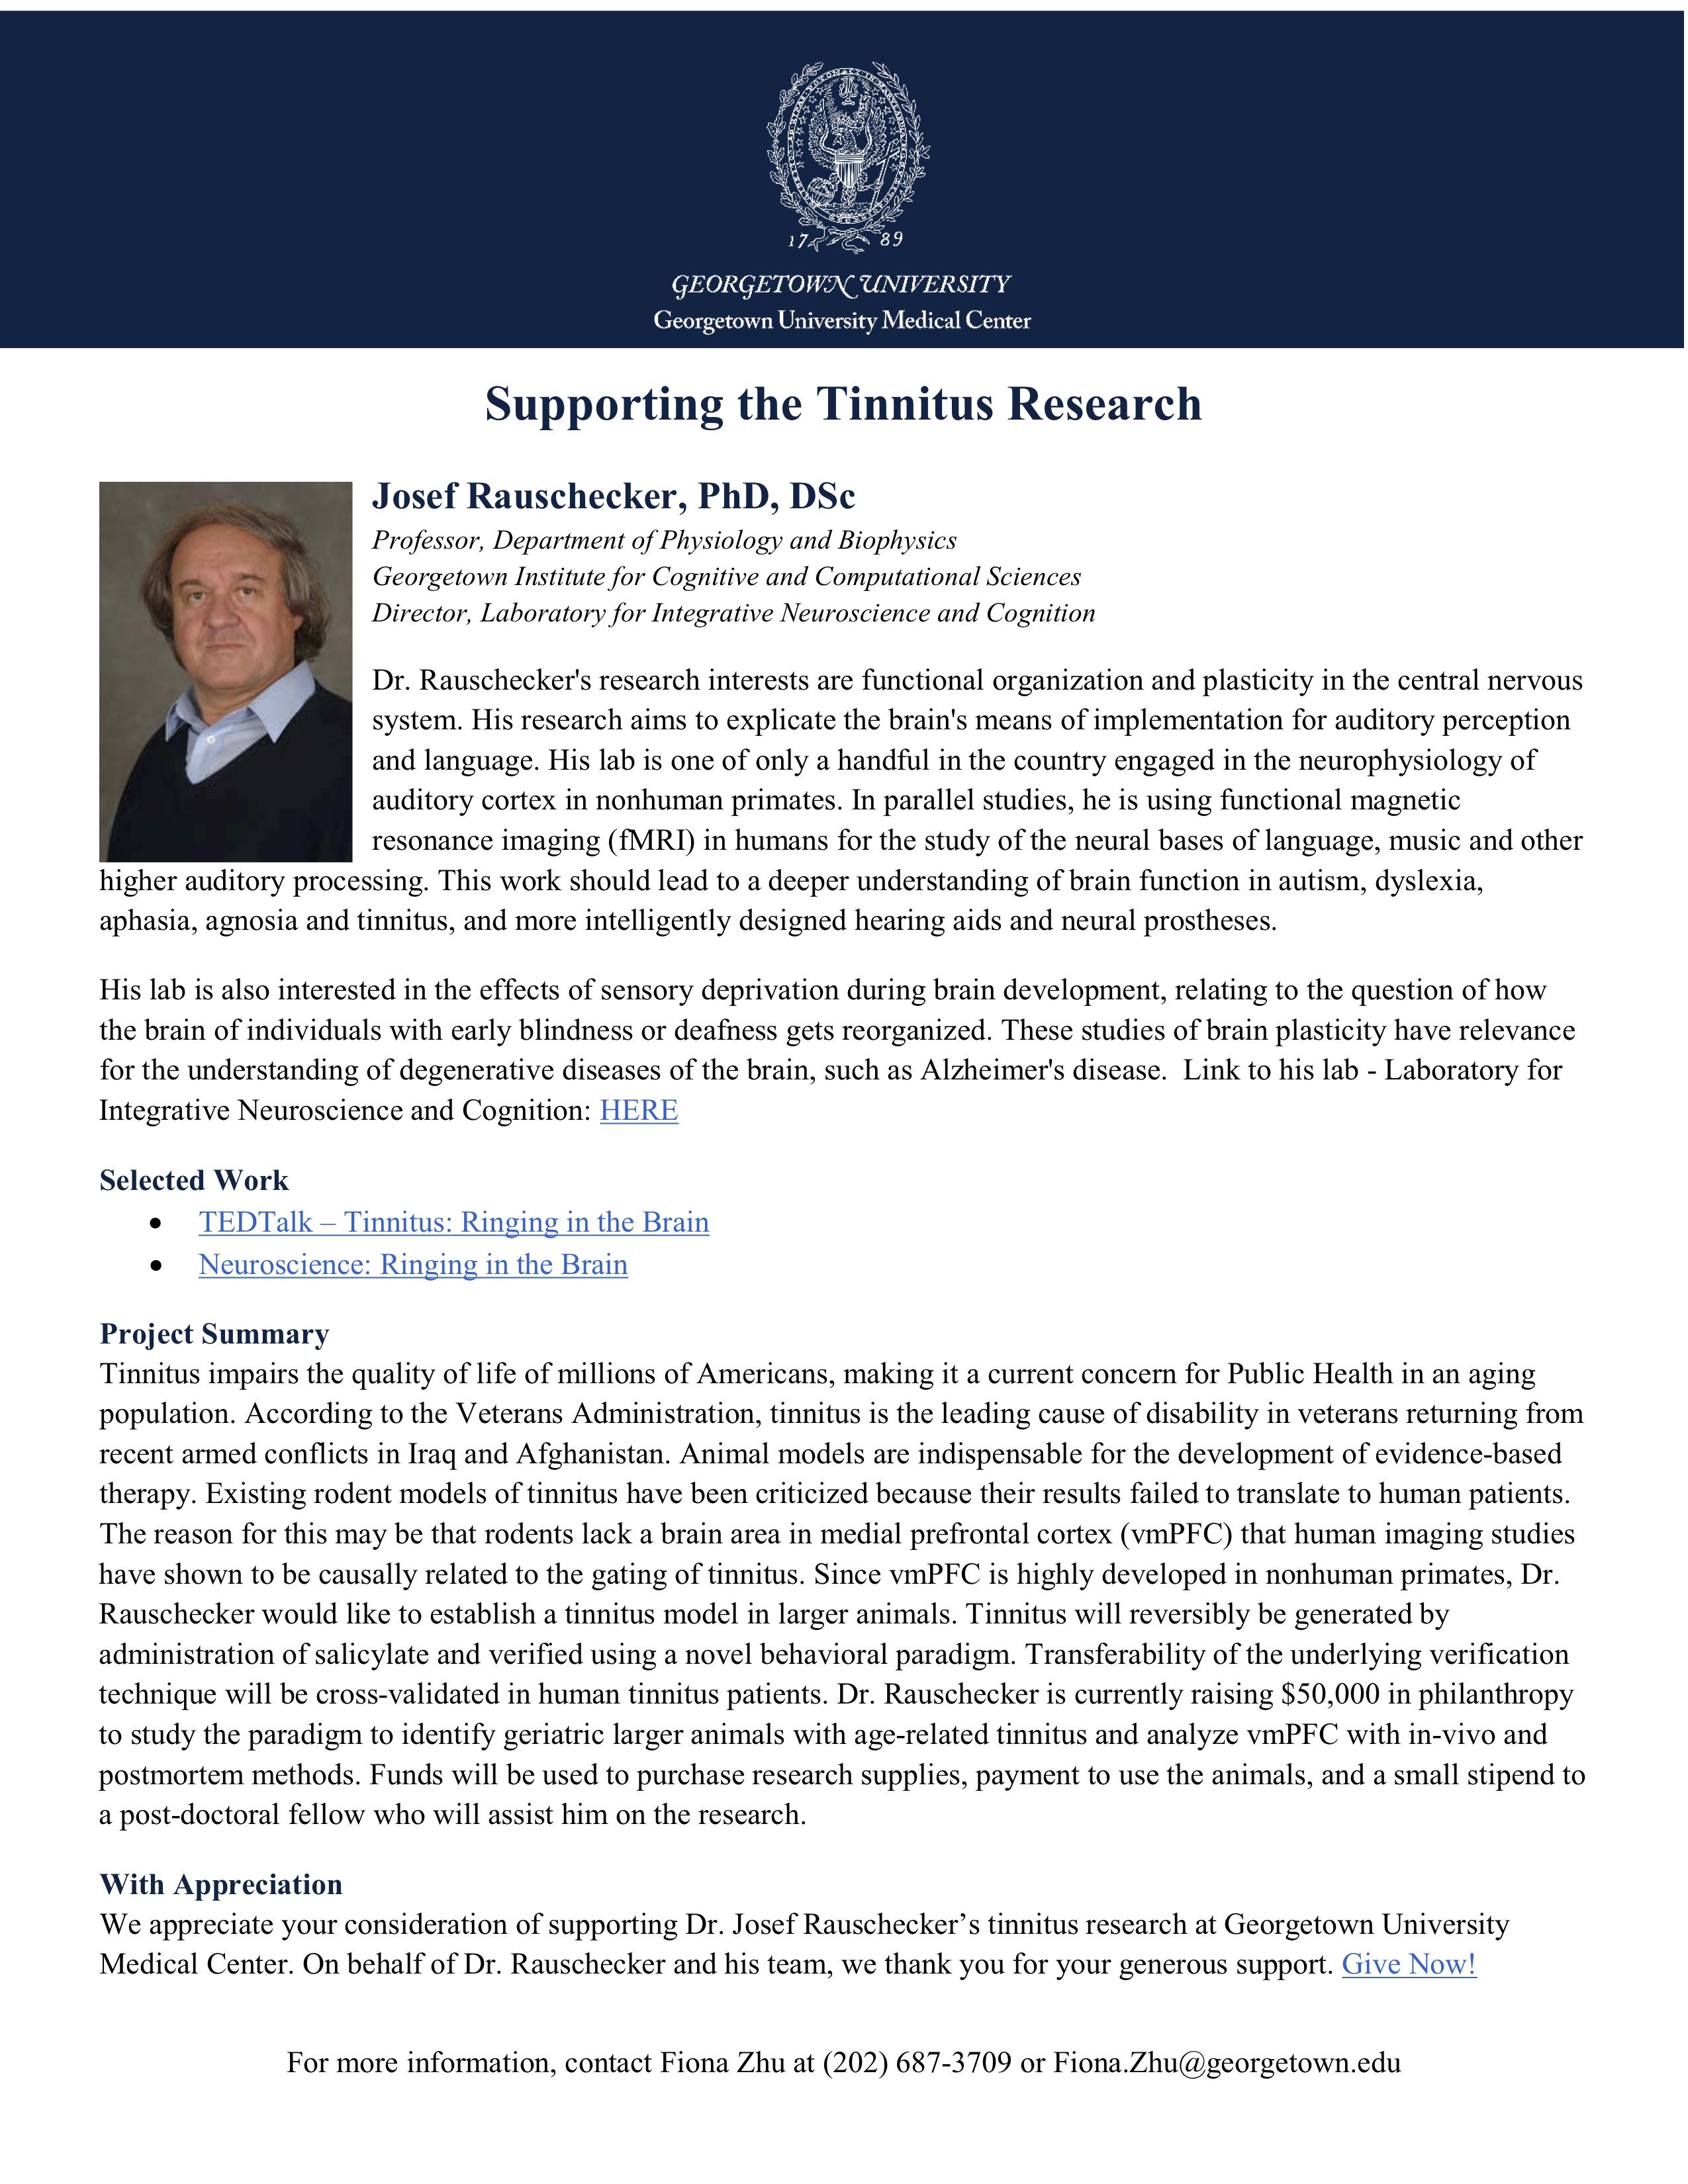 Rauschecker-Research-Fundraiser-Details.png